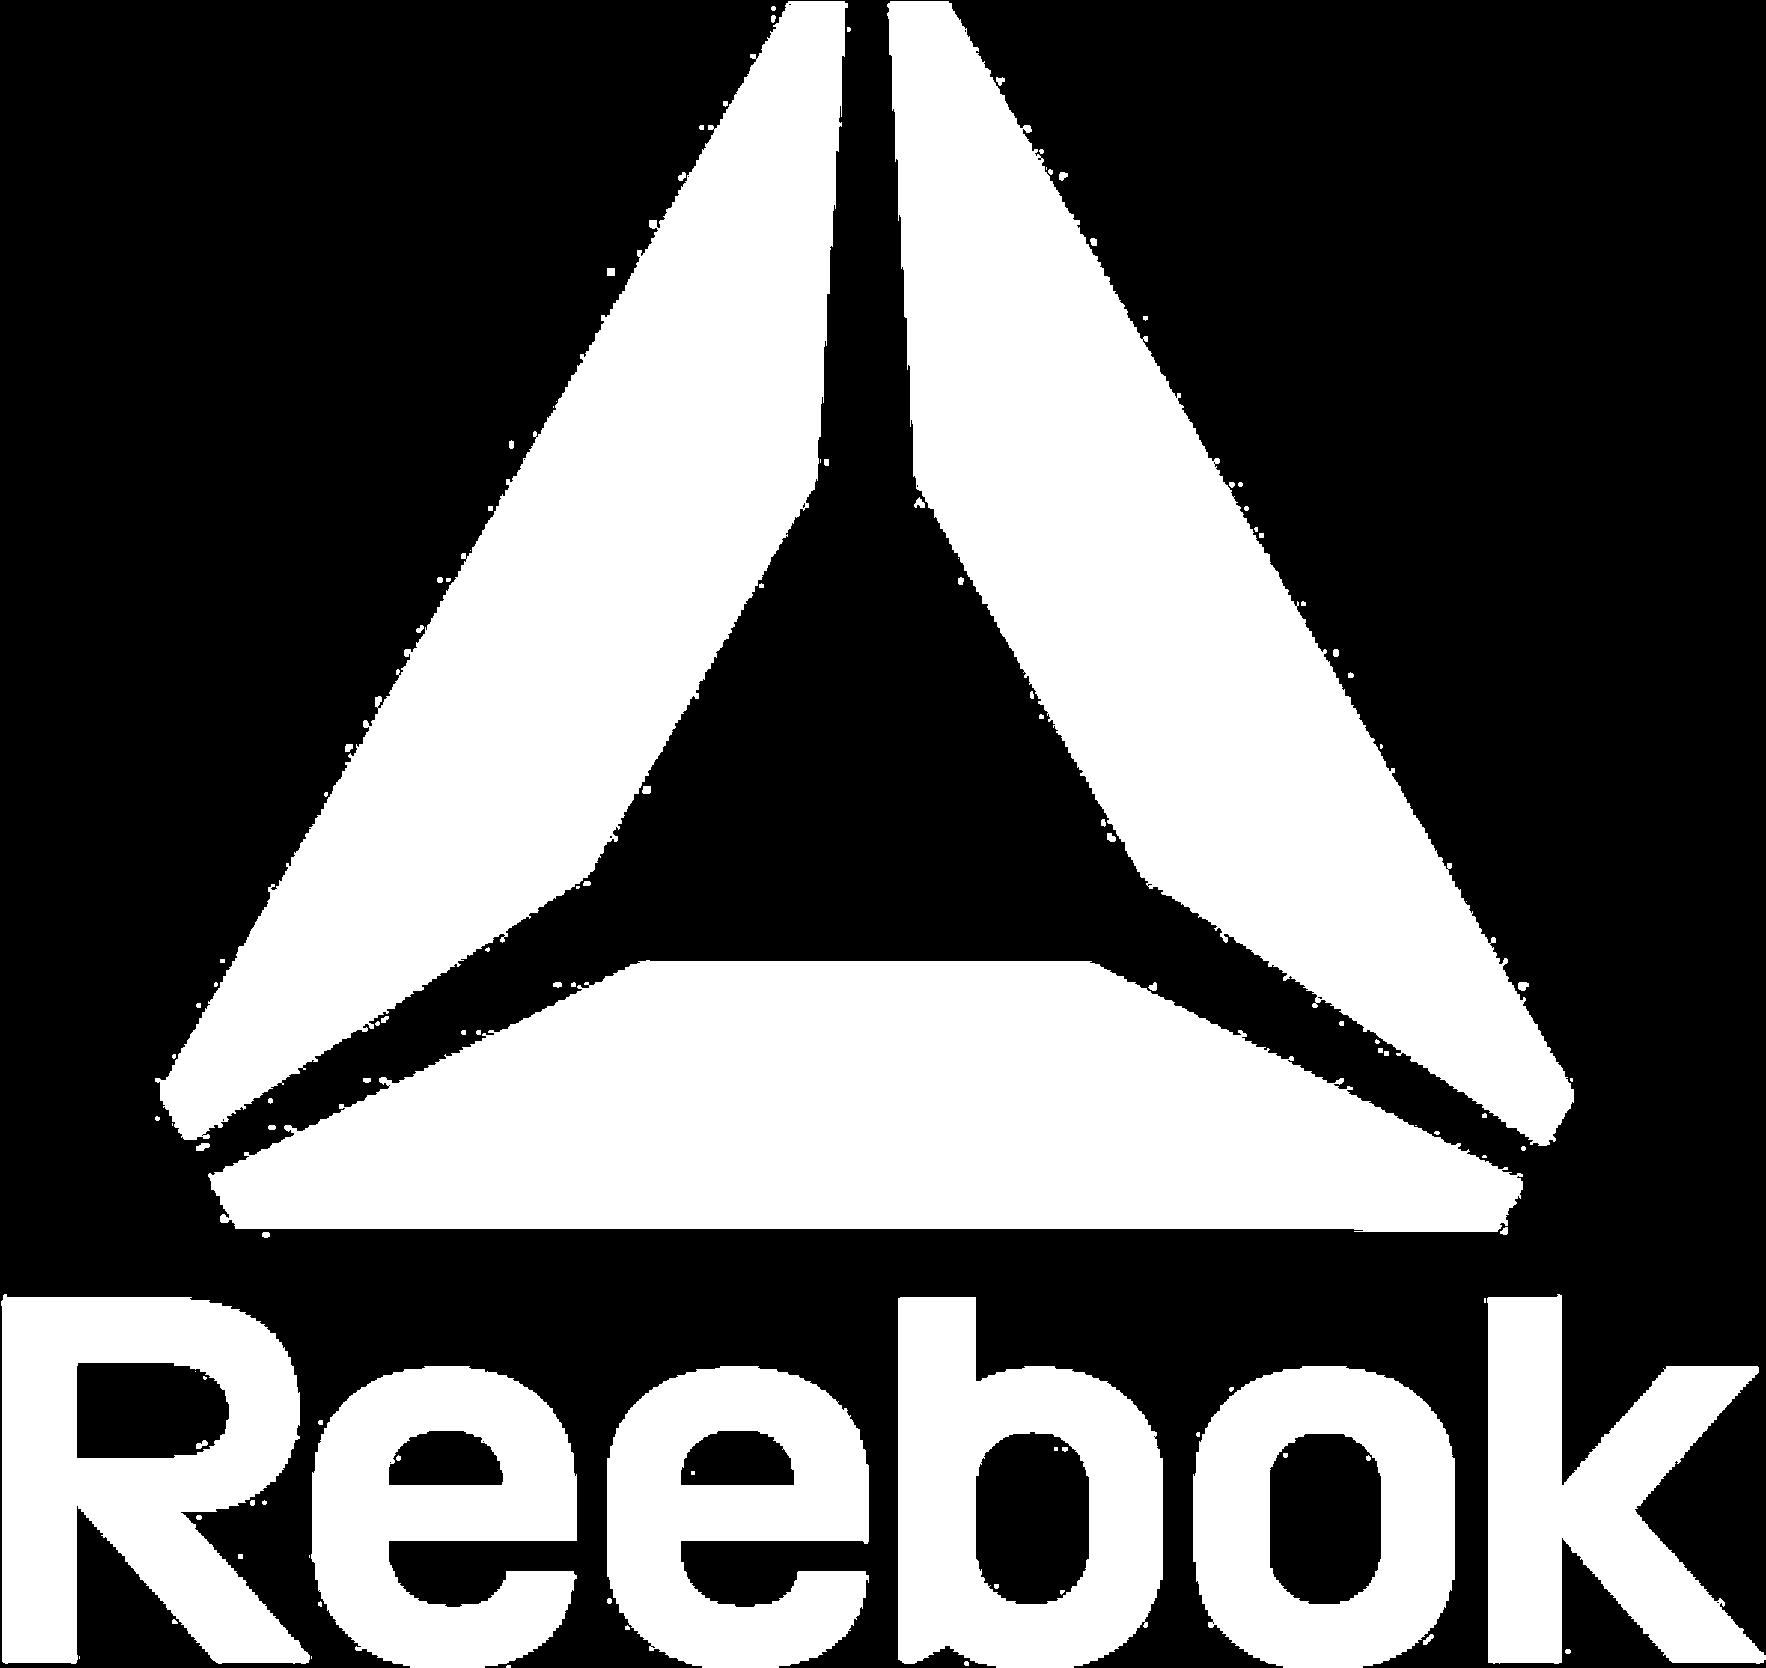 Download Reebok Concept Logo Pic - White Reebok Logo Png - Full Pluspng.com  - Reebok Logo PNG